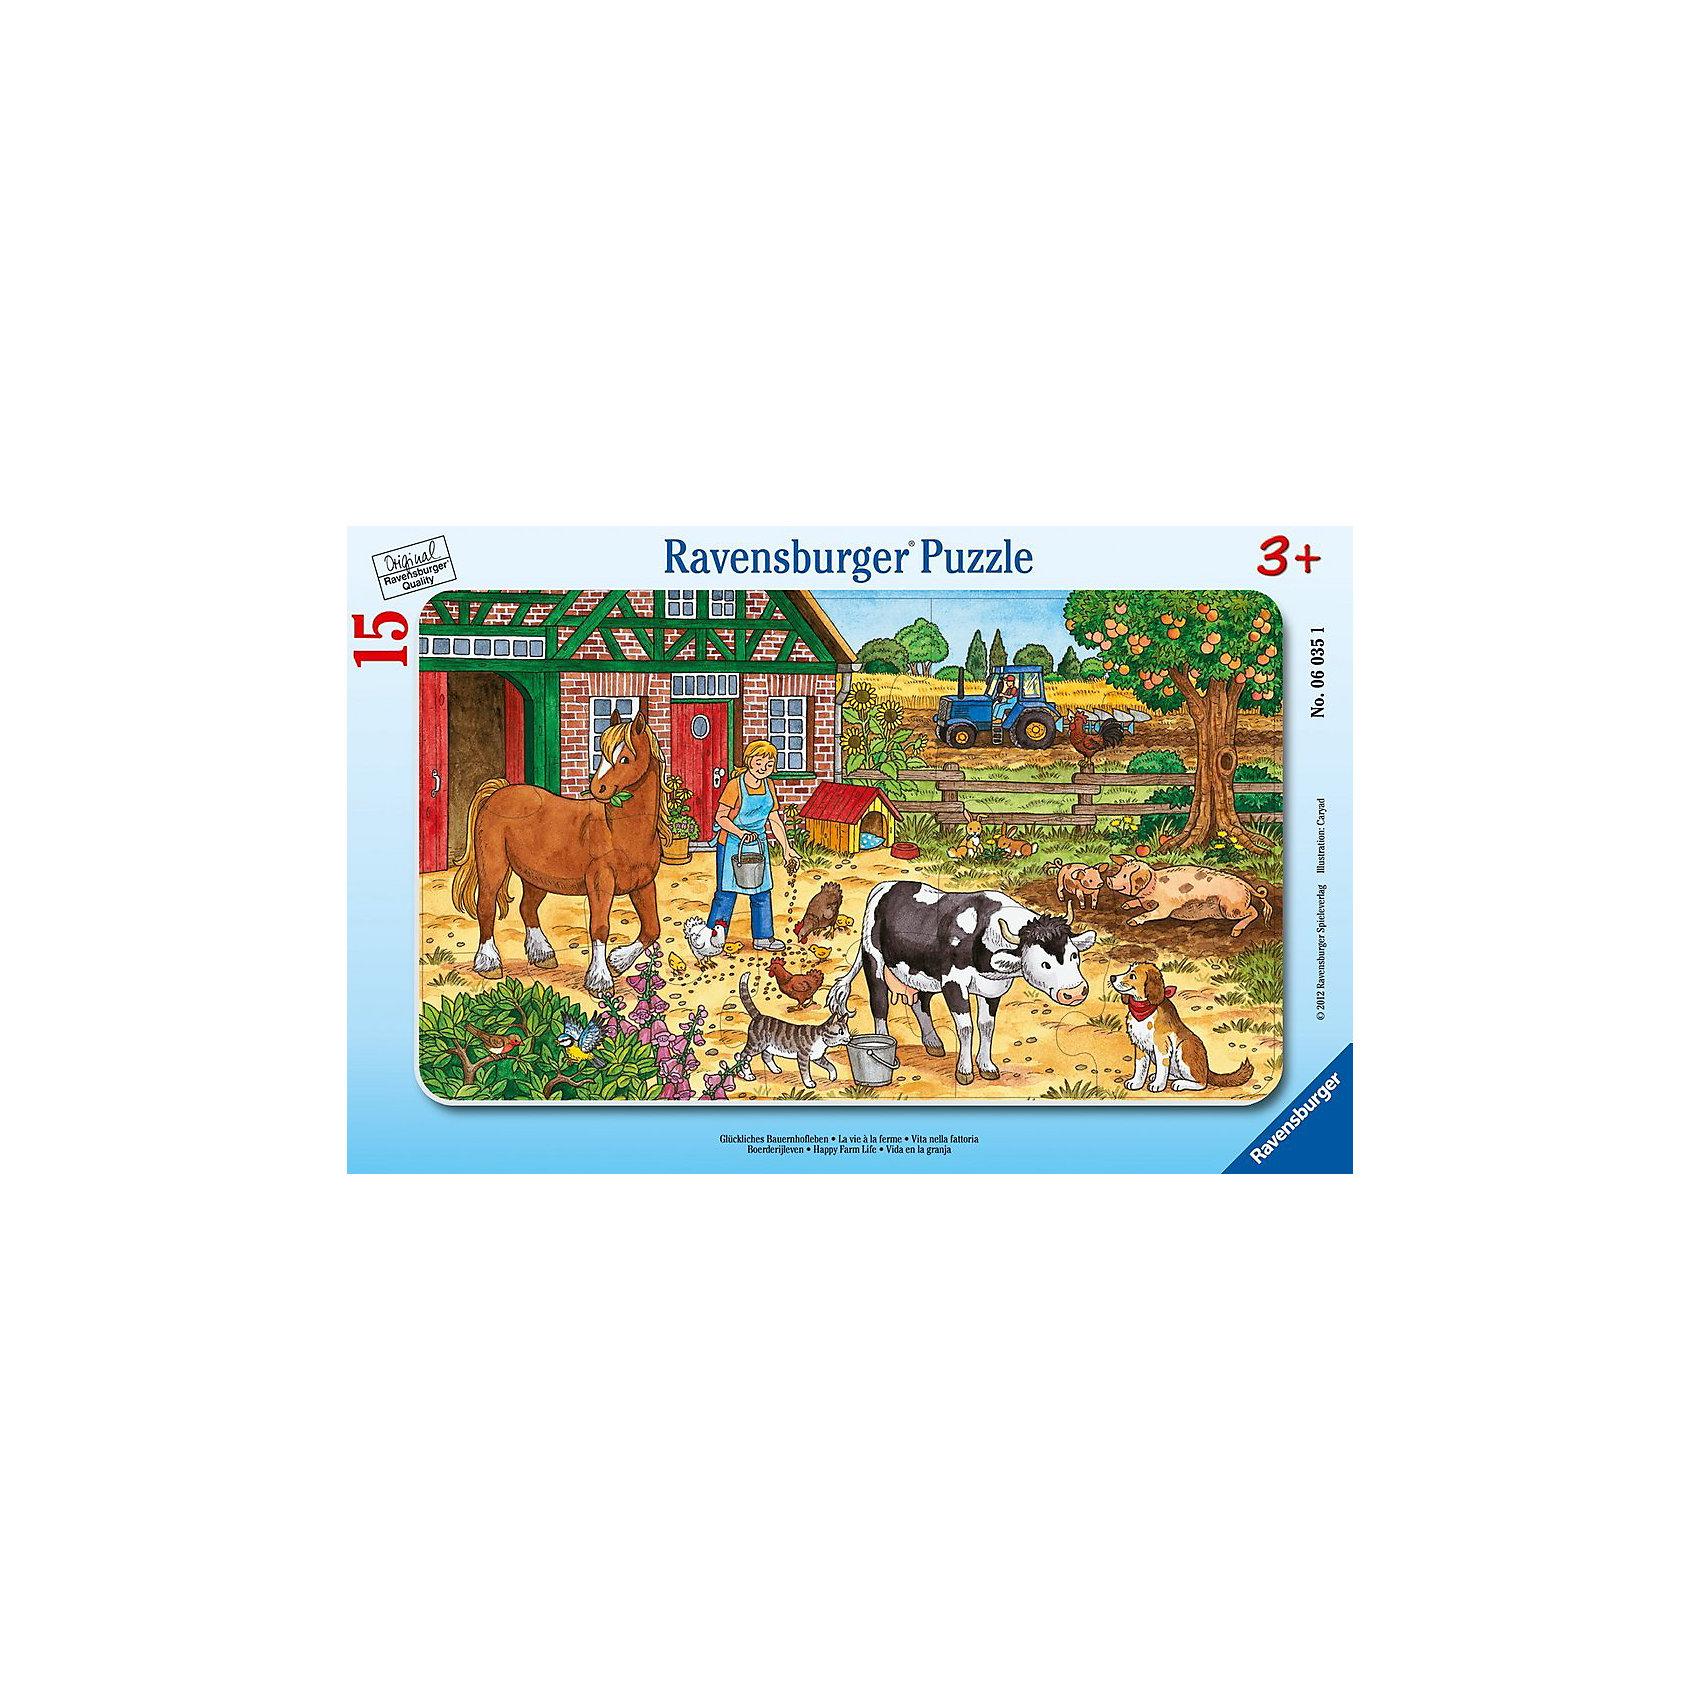 Пазл Жизнь на ферме, 15 деталей, RavensburgerПазл Жизнь на ферме, 15 деталей, Ravensburger (Равенсбургер) – это отличная развивающая игра-головоломка для детей.<br>Красочный пазл Жизнь на ферме от немецкого производителя Ravensburger (Равенсбургер) состоит из 15 крупных деталей, изготовленных из качественного экологичного материала. На картинке изображен солнечный день на ферме, где заботливая хозяйка вышла во двор, чтобы покормить животных и птиц. Разглядывая картинку, ребенок познакомиться с животными, которых можно встретить на ферме: с лошадкой, коровой, курами, цыплятами, свиньями, а также такими любимцами, как кошка и собака (они являются надежными помощниками фермера). Процесс сборки пазла не только увлечет ребенка, но поможет развить мелкую моторику рук, наблюдательность, логическое мышление, усидчивость, терпение, аккуратность, внимание и познакомит с окружающим миром. Пазлы Ravensburger (Равенсбургер) - это высочайшее качество картона и полиграфии. Детали пазла не ломаются, не подвергаются деформации при сборке. Элементы пазла идеально соединяются друг с другом, не отслаиваются с течением времени. Матовая поверхность исключает отблески.<br><br>Дополнительная информация:<br><br>- Количество деталей: 15<br>- Размер готовой картинки: 25х14,5 см.<br>- Материал: прочный, качественный картон<br>- Размер упаковки: 29,5х19х1 см.<br><br>Пазл Жизнь на ферме, 15 деталей, Ravensburger (Равенсбургер) можно купить в нашем интернет-магазине.<br><br>Ширина мм: 298<br>Глубина мм: 187<br>Высота мм: 8<br>Вес г: 153<br>Возраст от месяцев: 36<br>Возраст до месяцев: 60<br>Пол: Унисекс<br>Возраст: Детский<br>Количество деталей: 15<br>SKU: 2414711